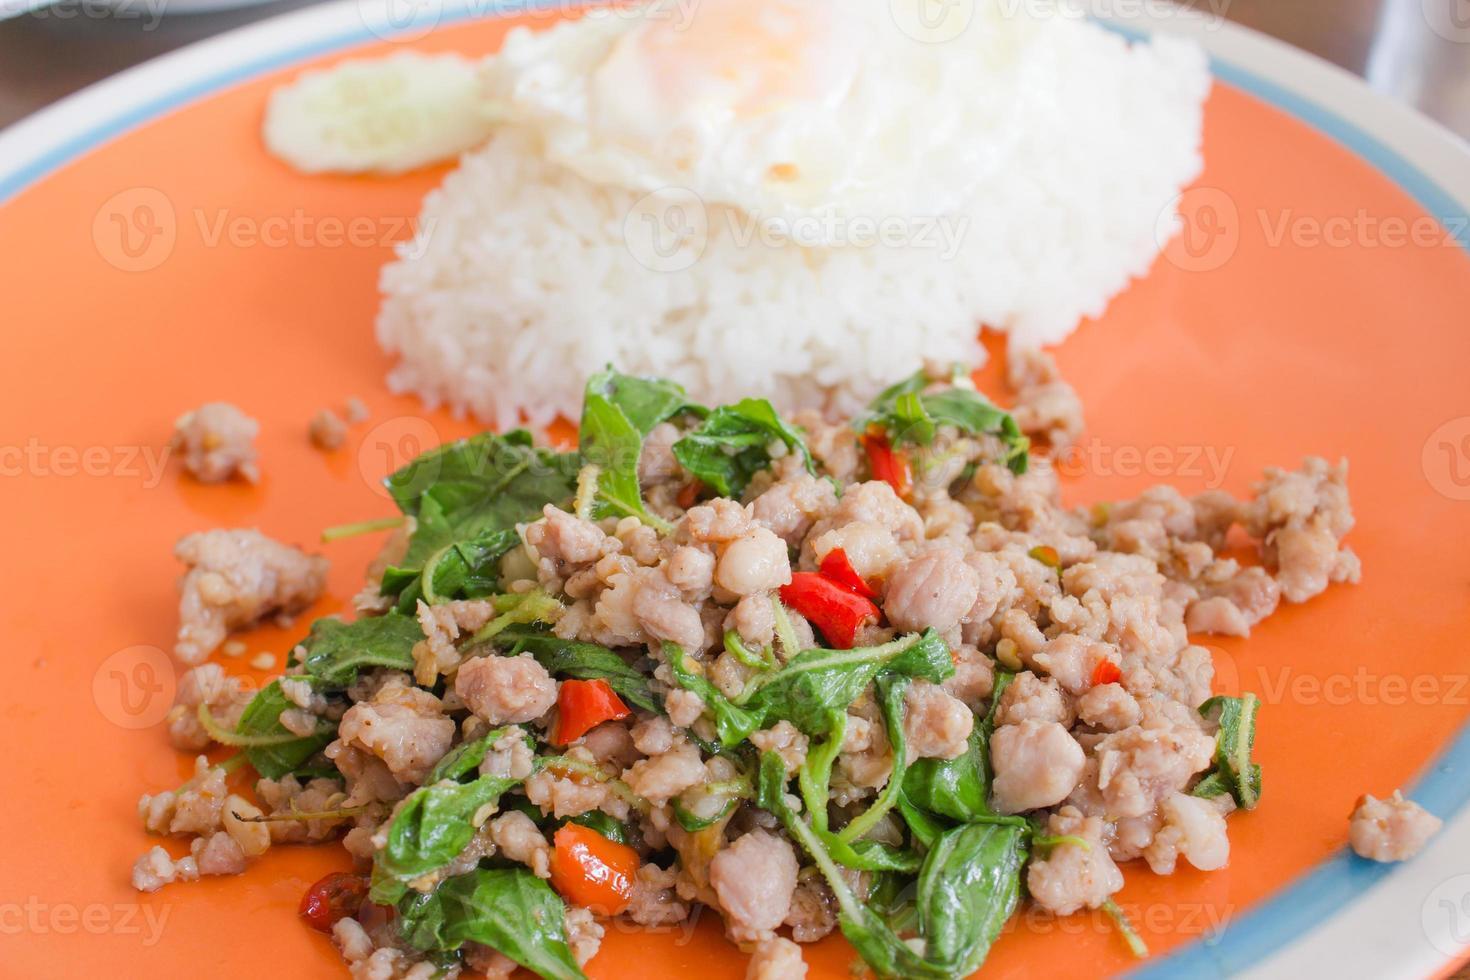 albahaca frita de cerdo con arroz foto